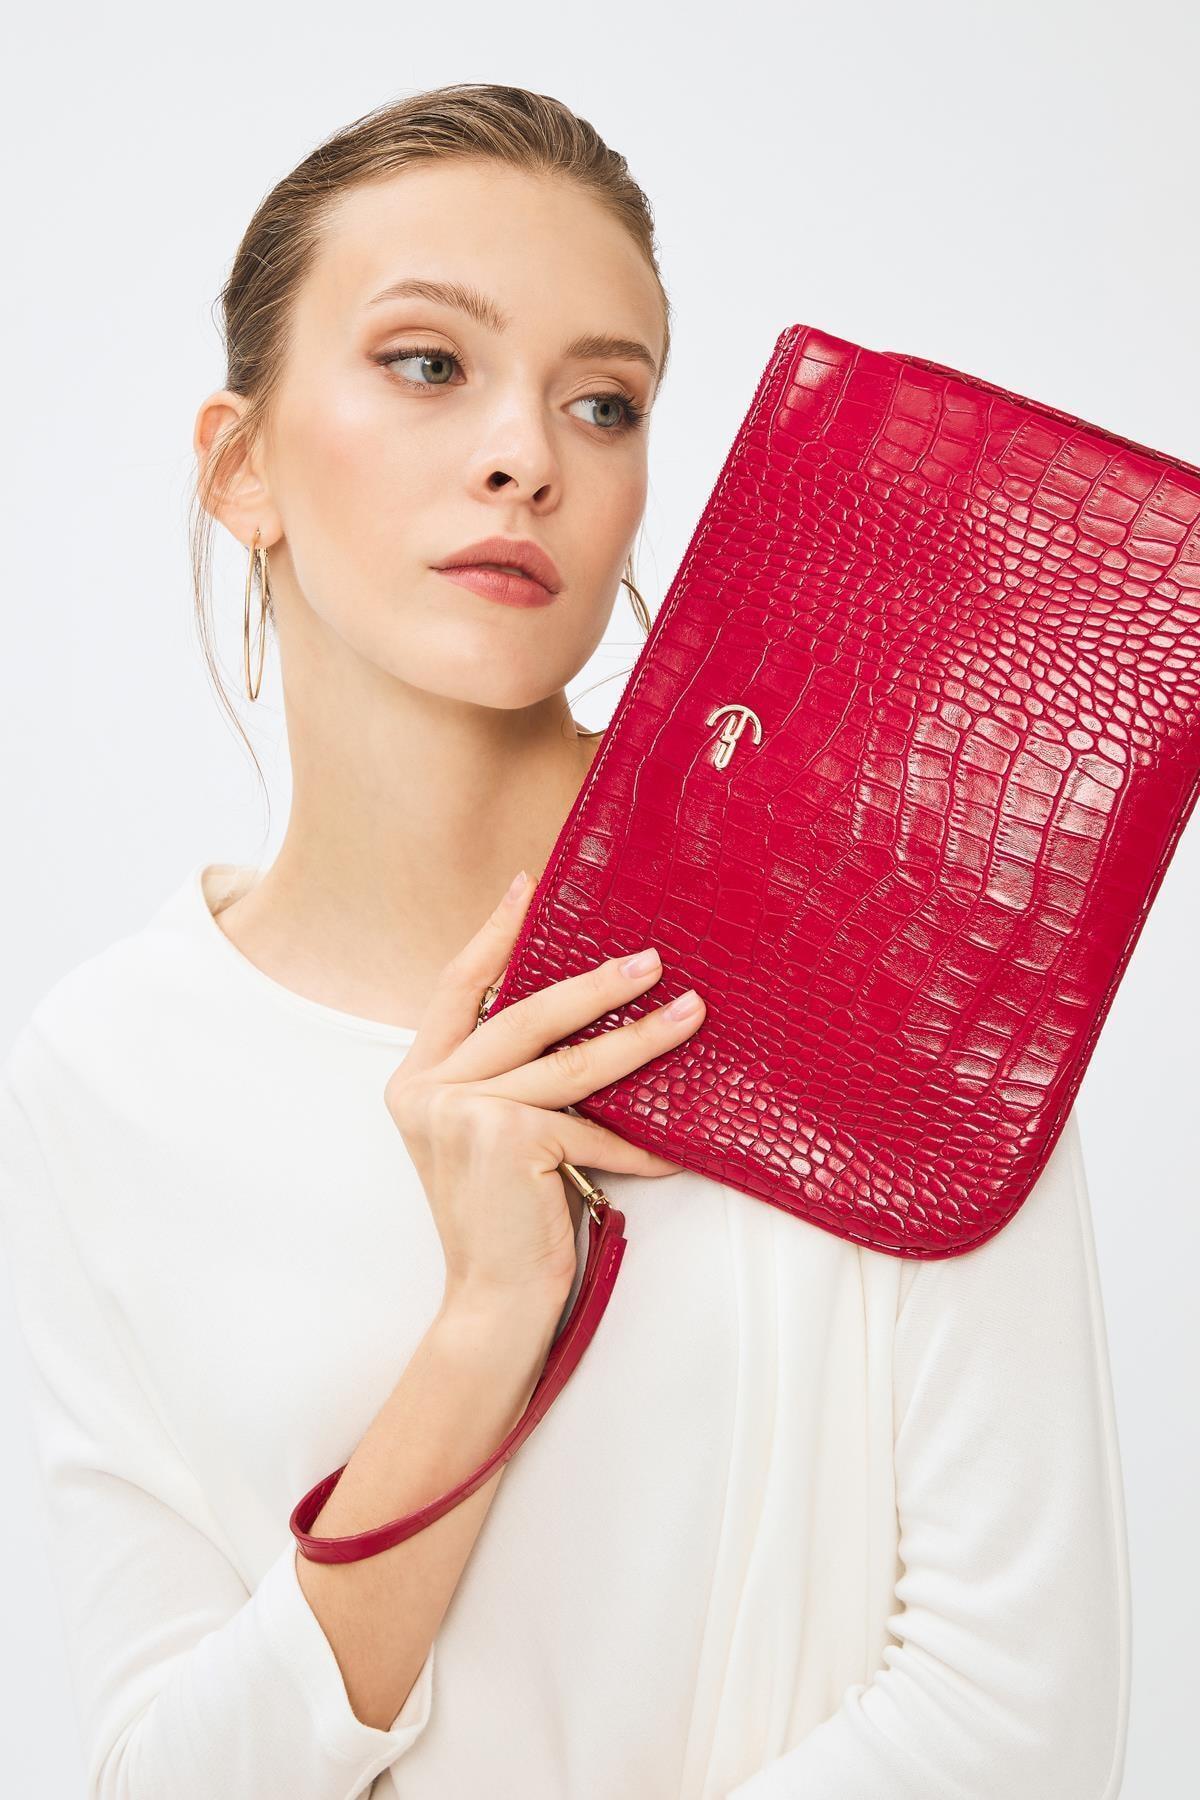 Deri Company Kadın Basic Clutch Çanta Kroko Timsah Desen Kırmızı 214002 2